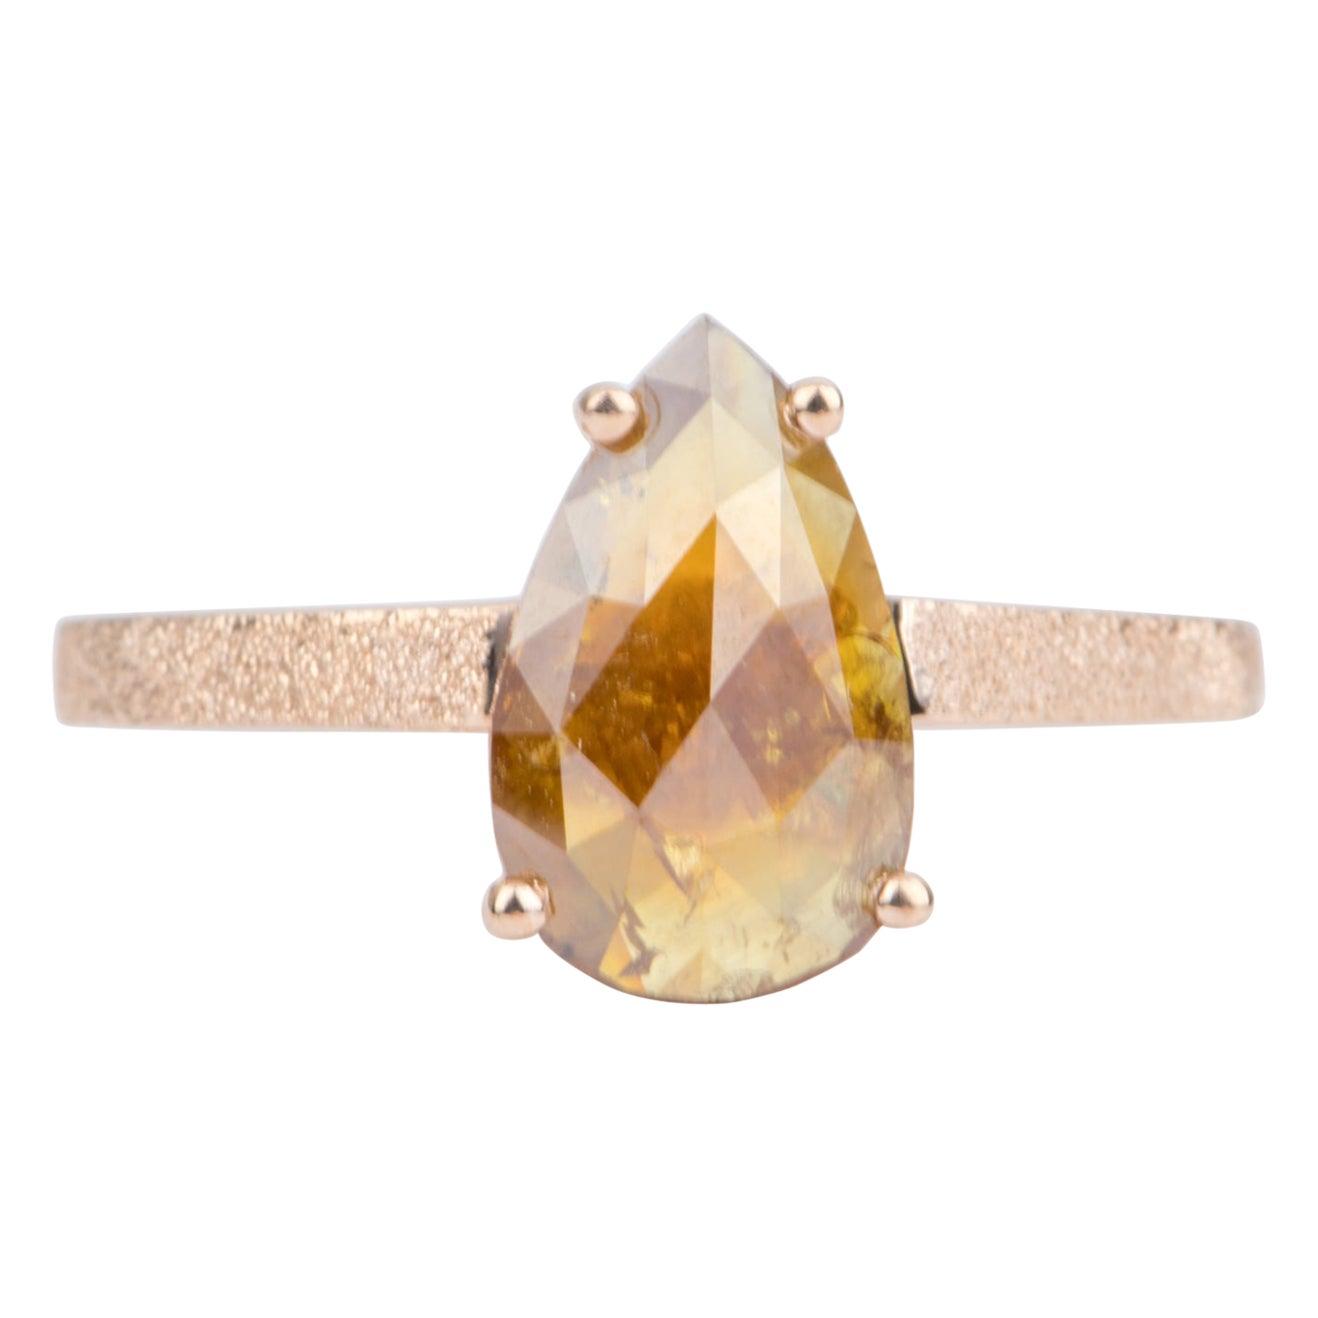 1.75 Carat Golden Brown Diamond Ring 14 Karat Rose Gold Pear Shape AD2191-1